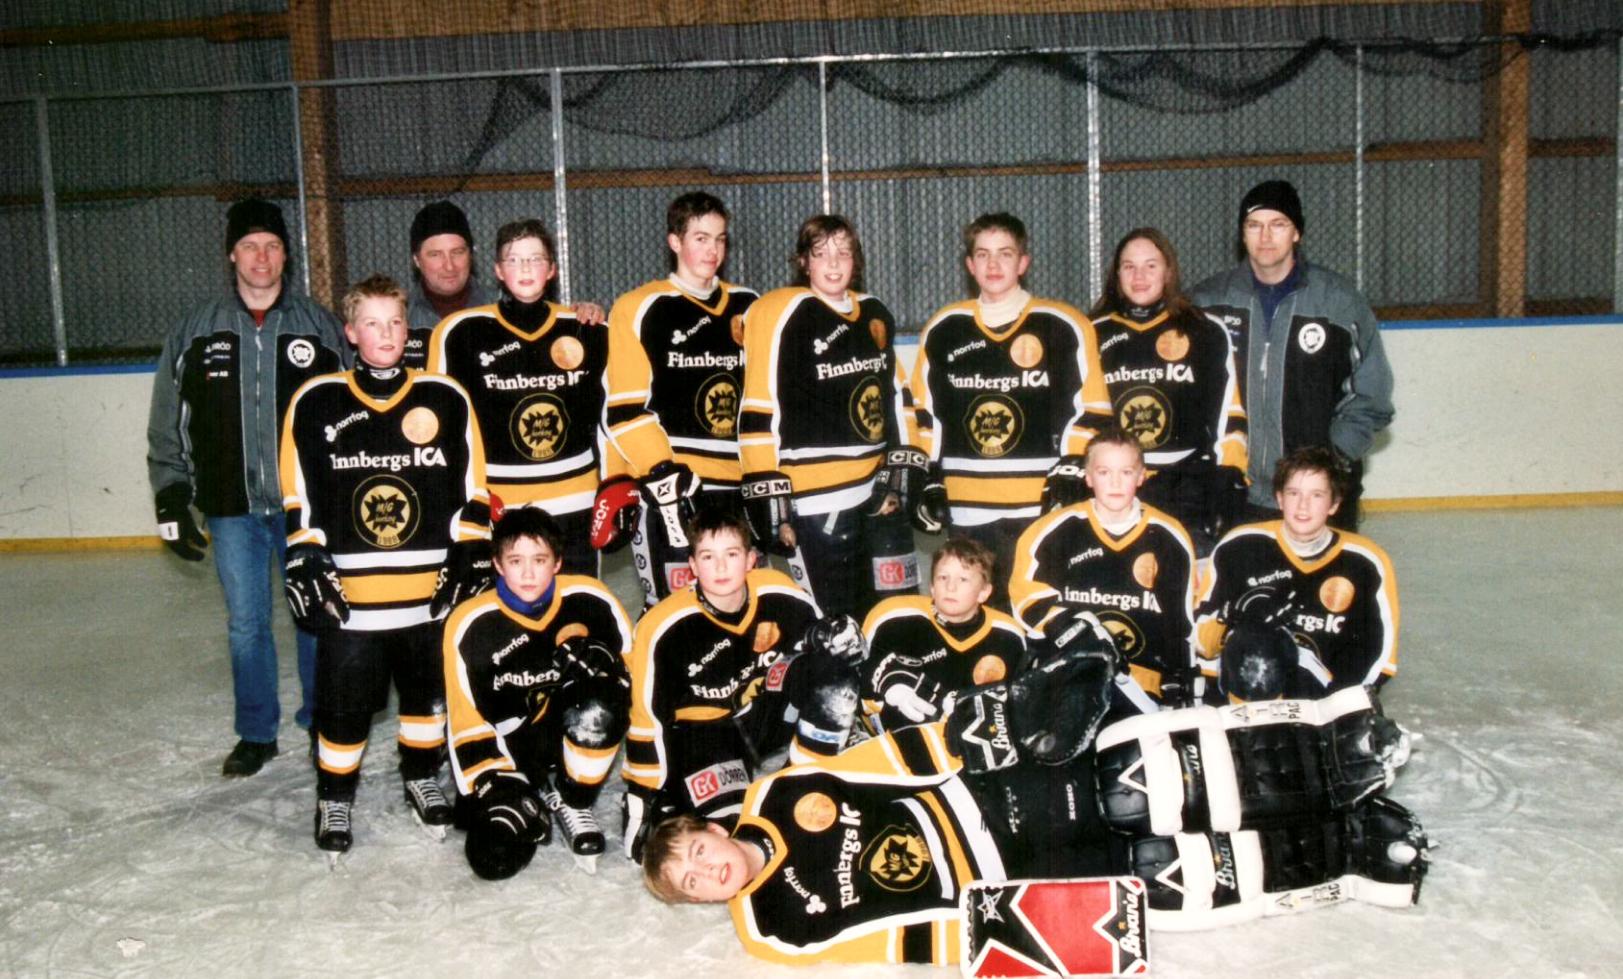 Ishockey4